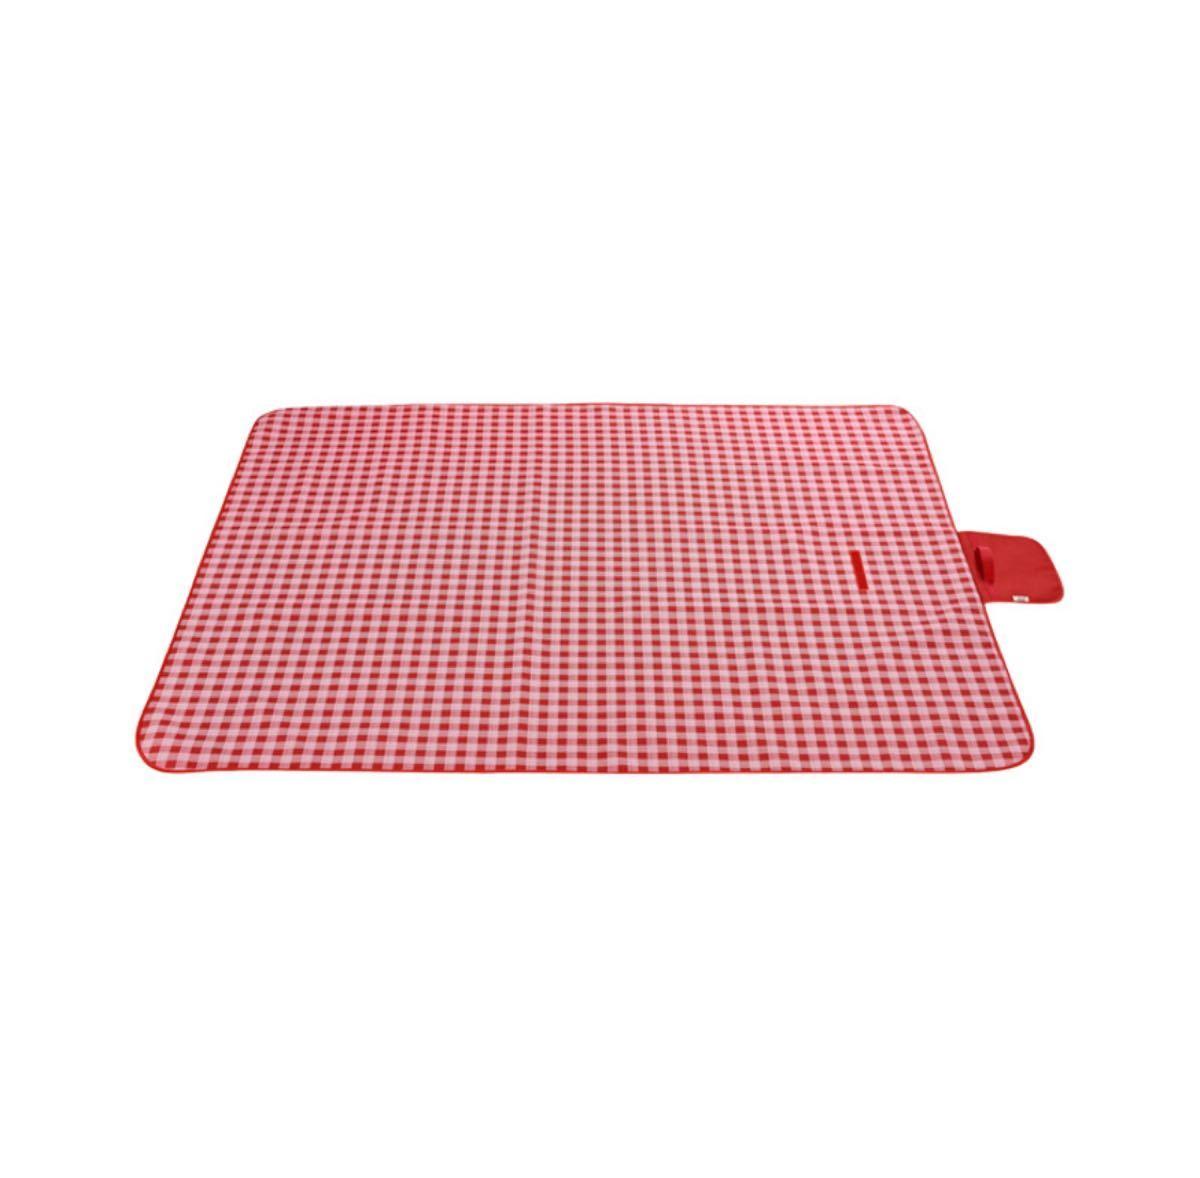 折りたたみ レジャーシート ピクニック 韓国 防水 撥水 コンパクト ブラウン